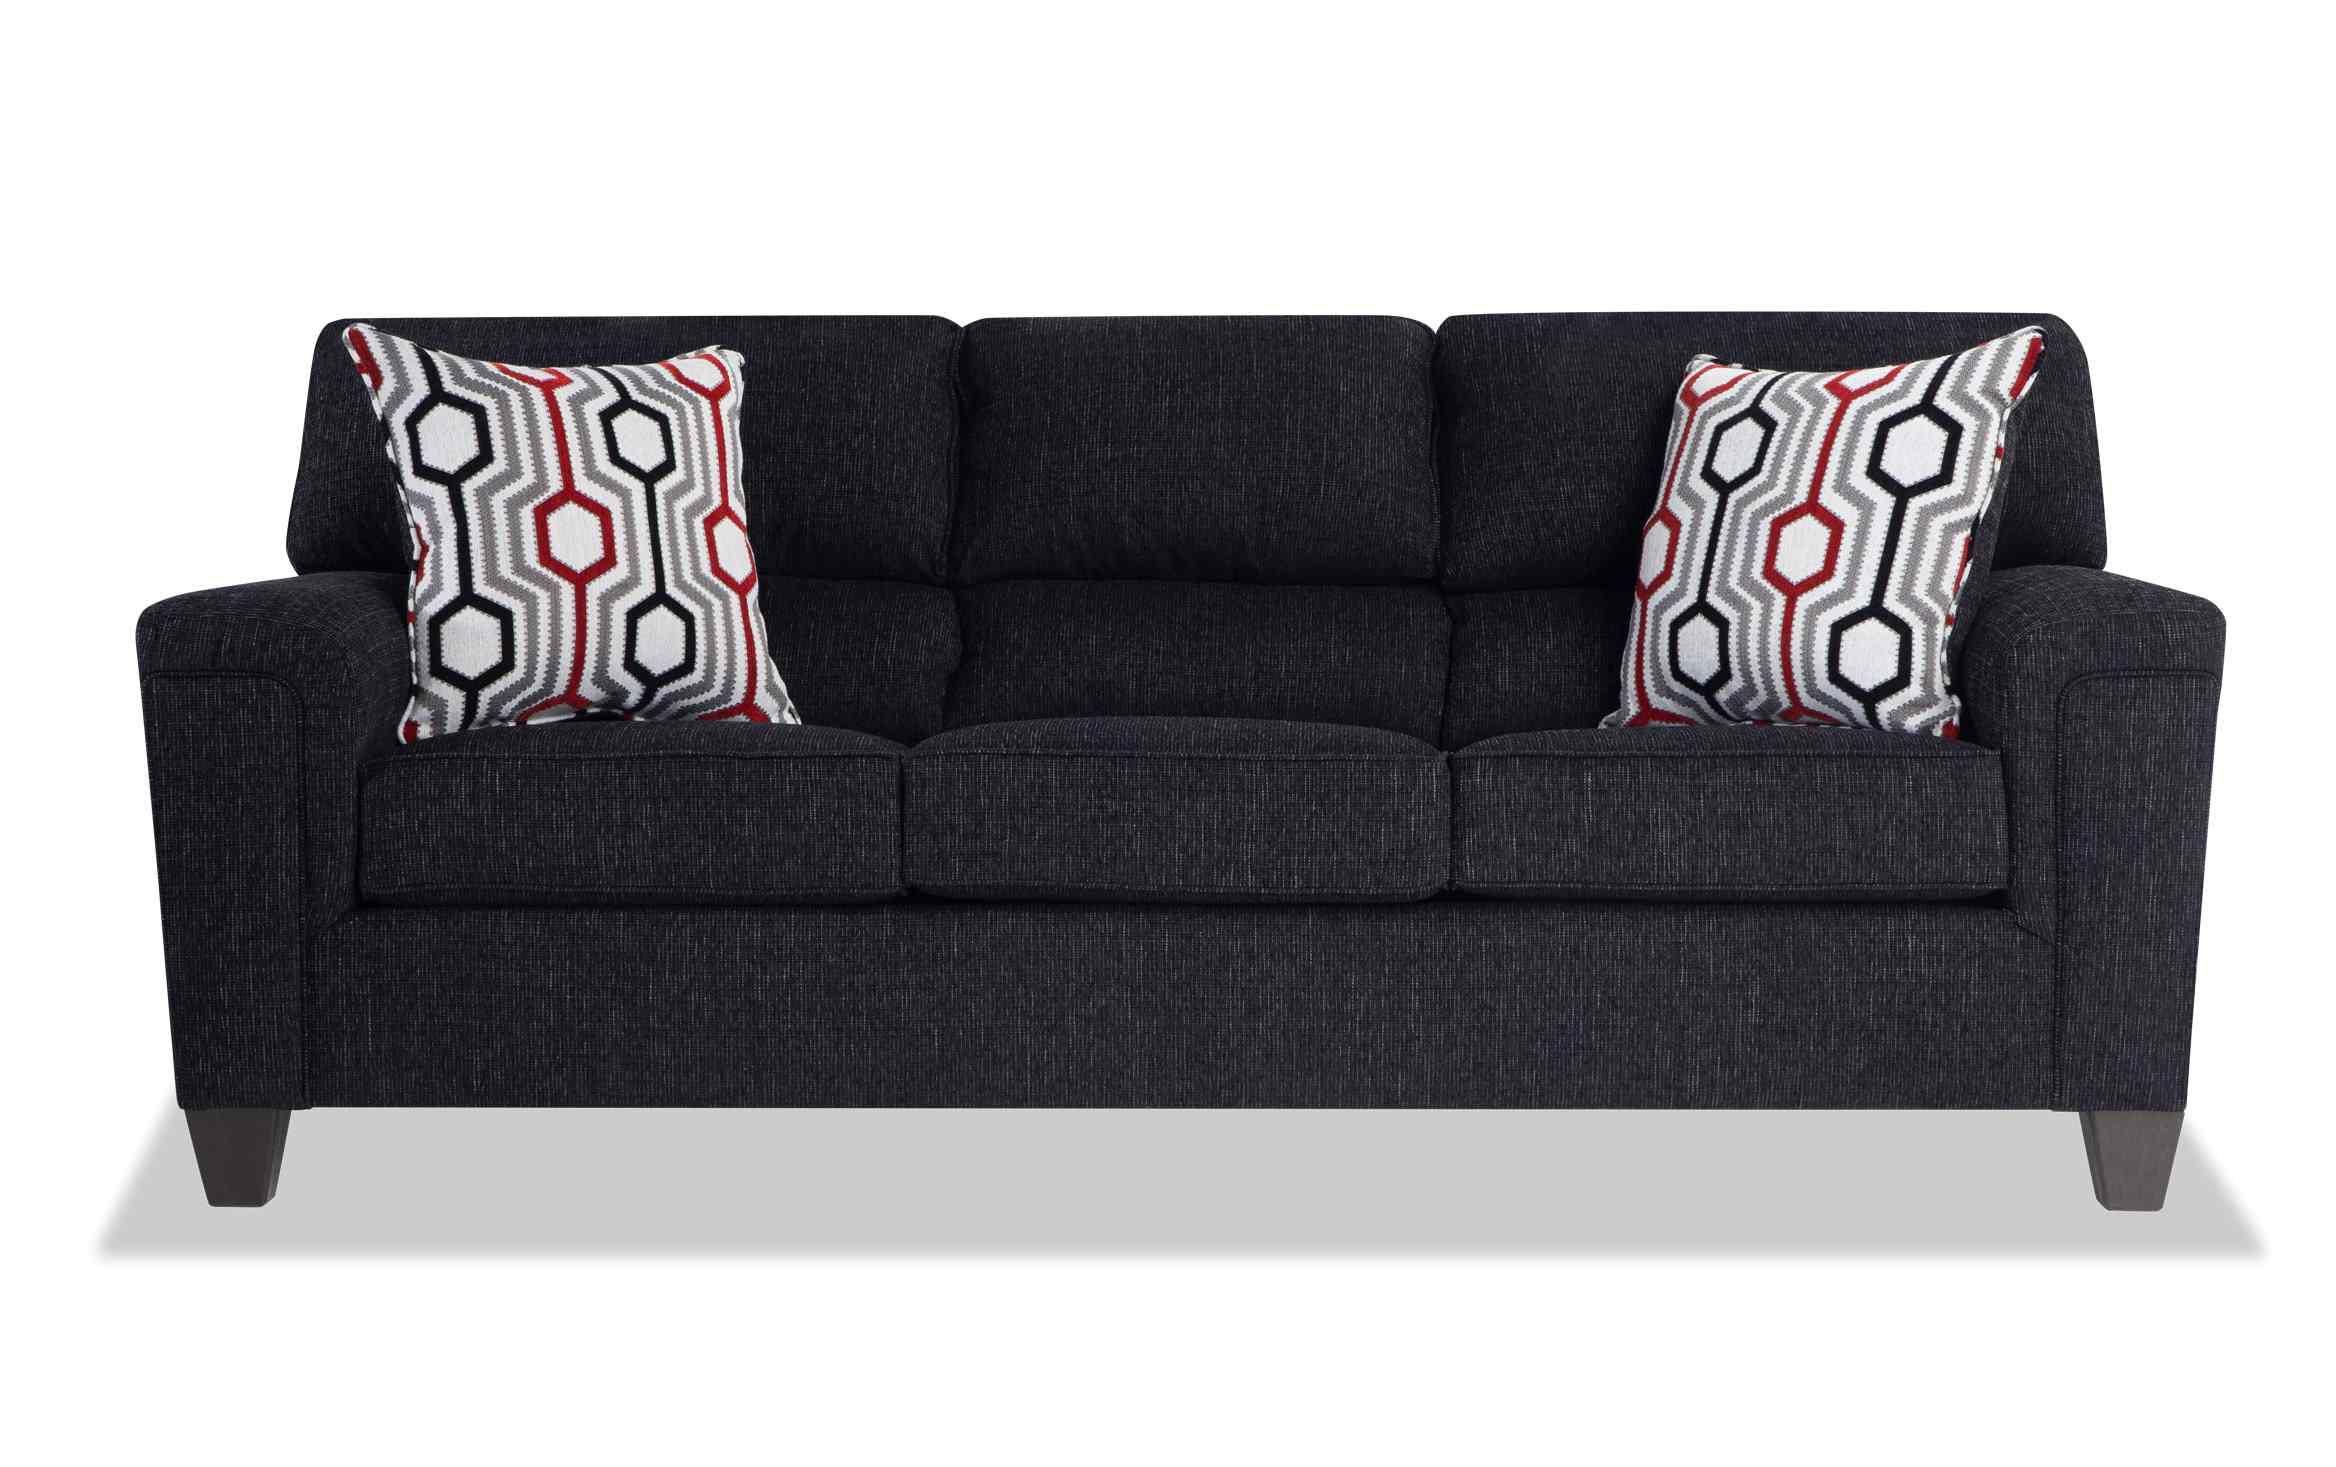 Calvin Concrete Gray Sofa in 2020 Beige sofa, Bob's